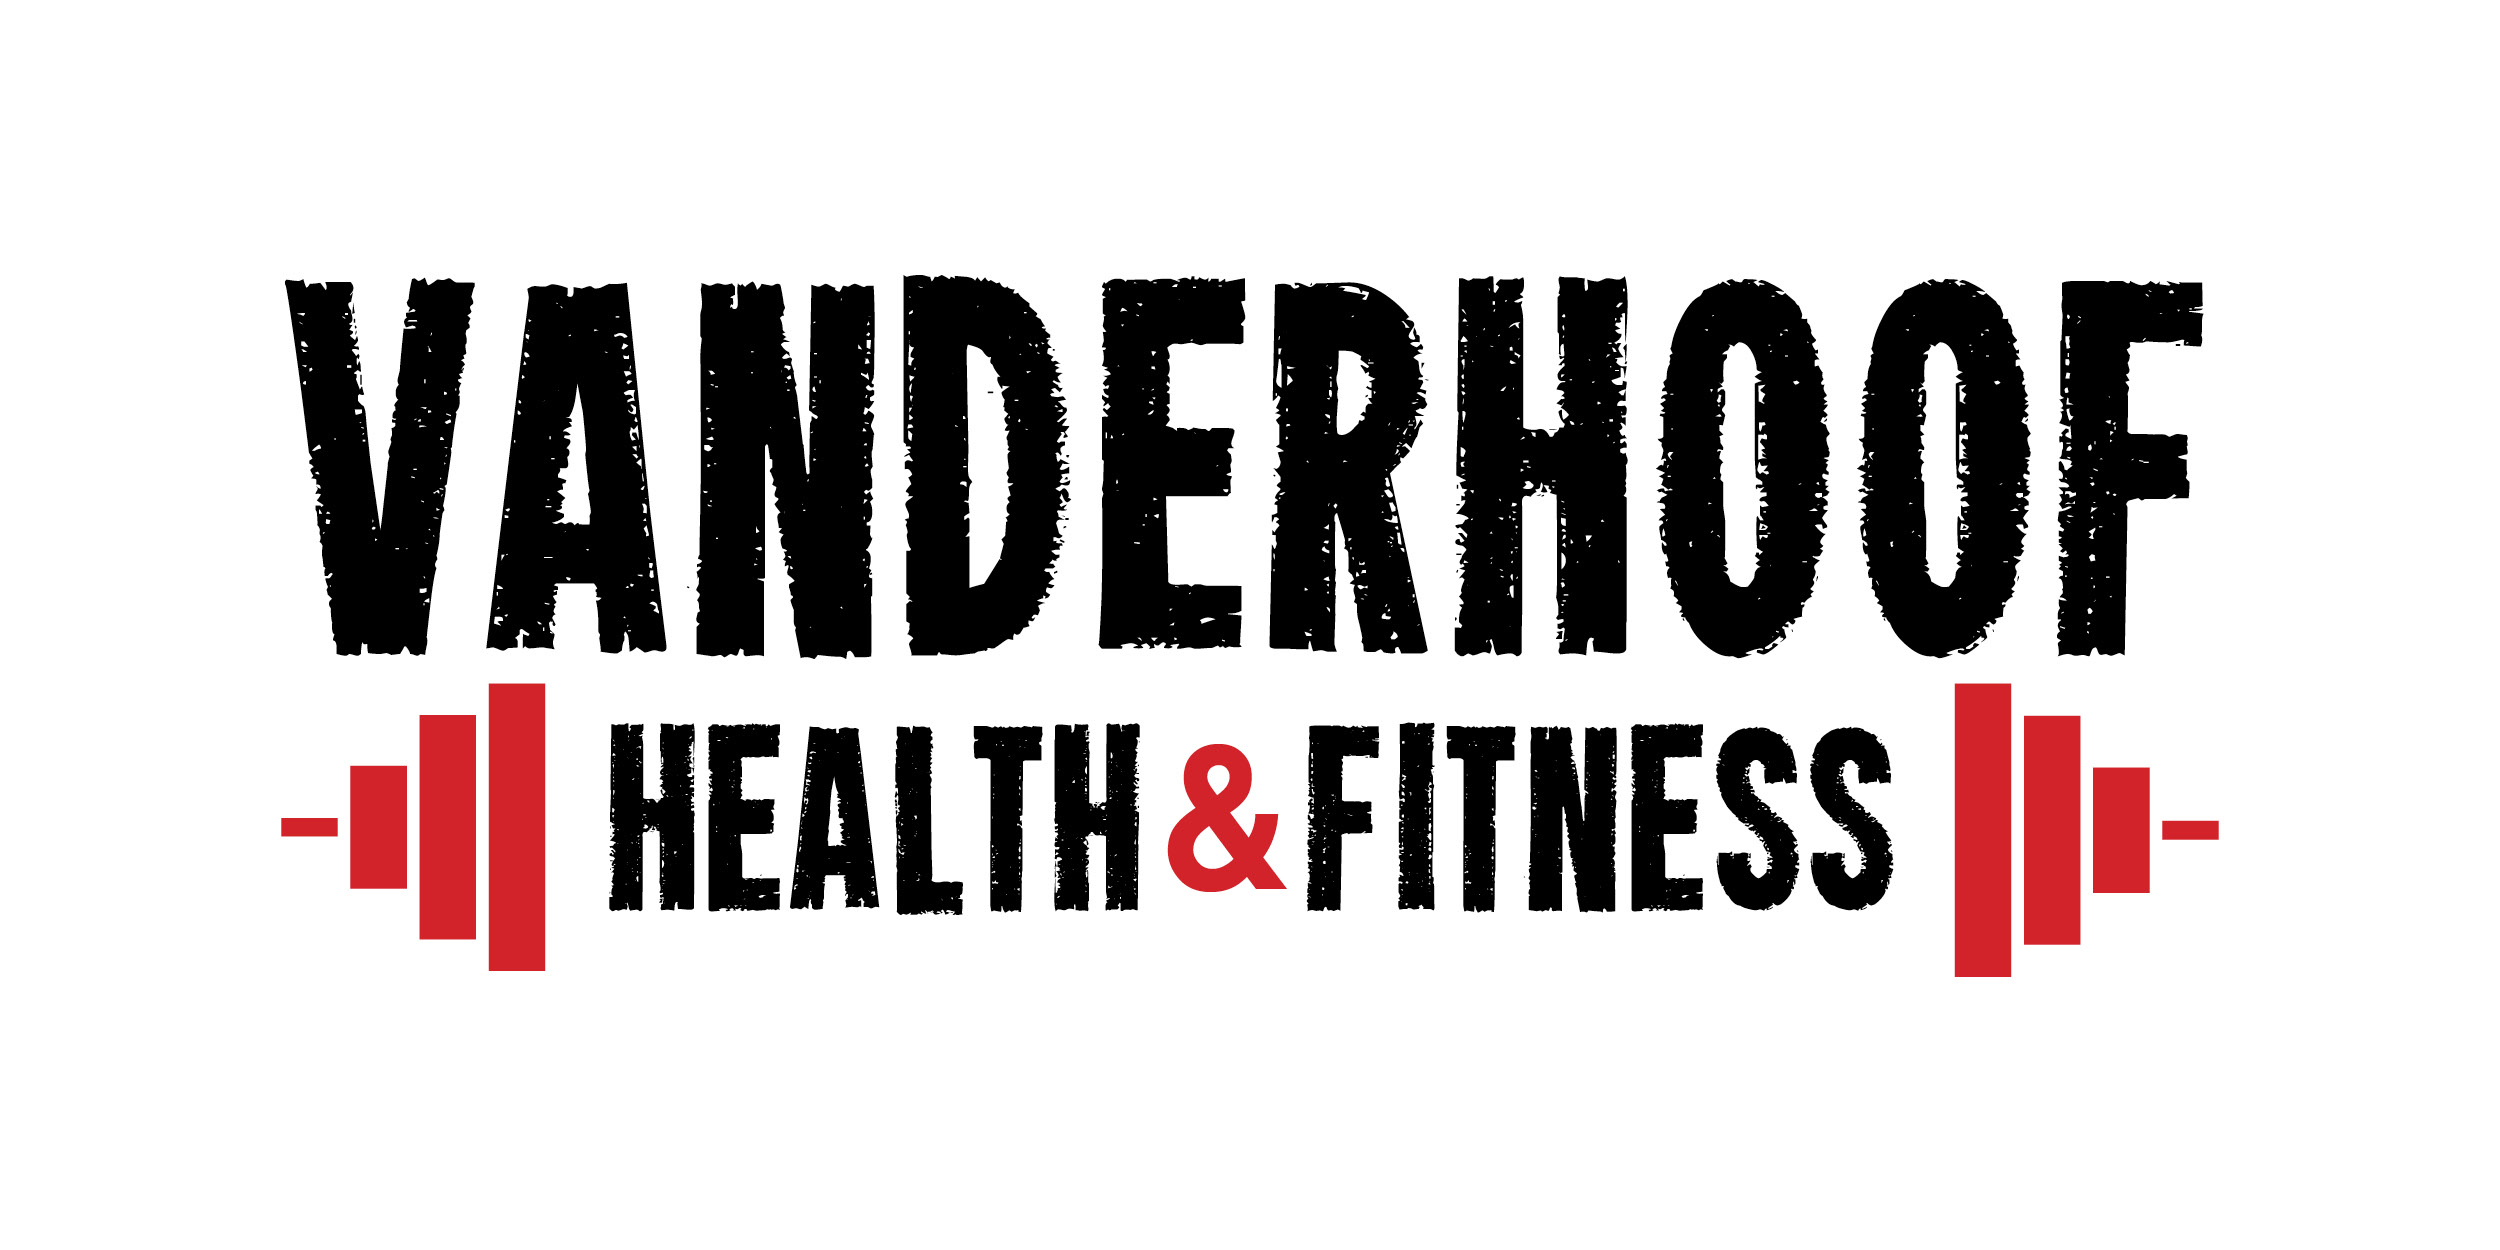 Vanderhoof International Airshow – Vanderhoof International Airshow